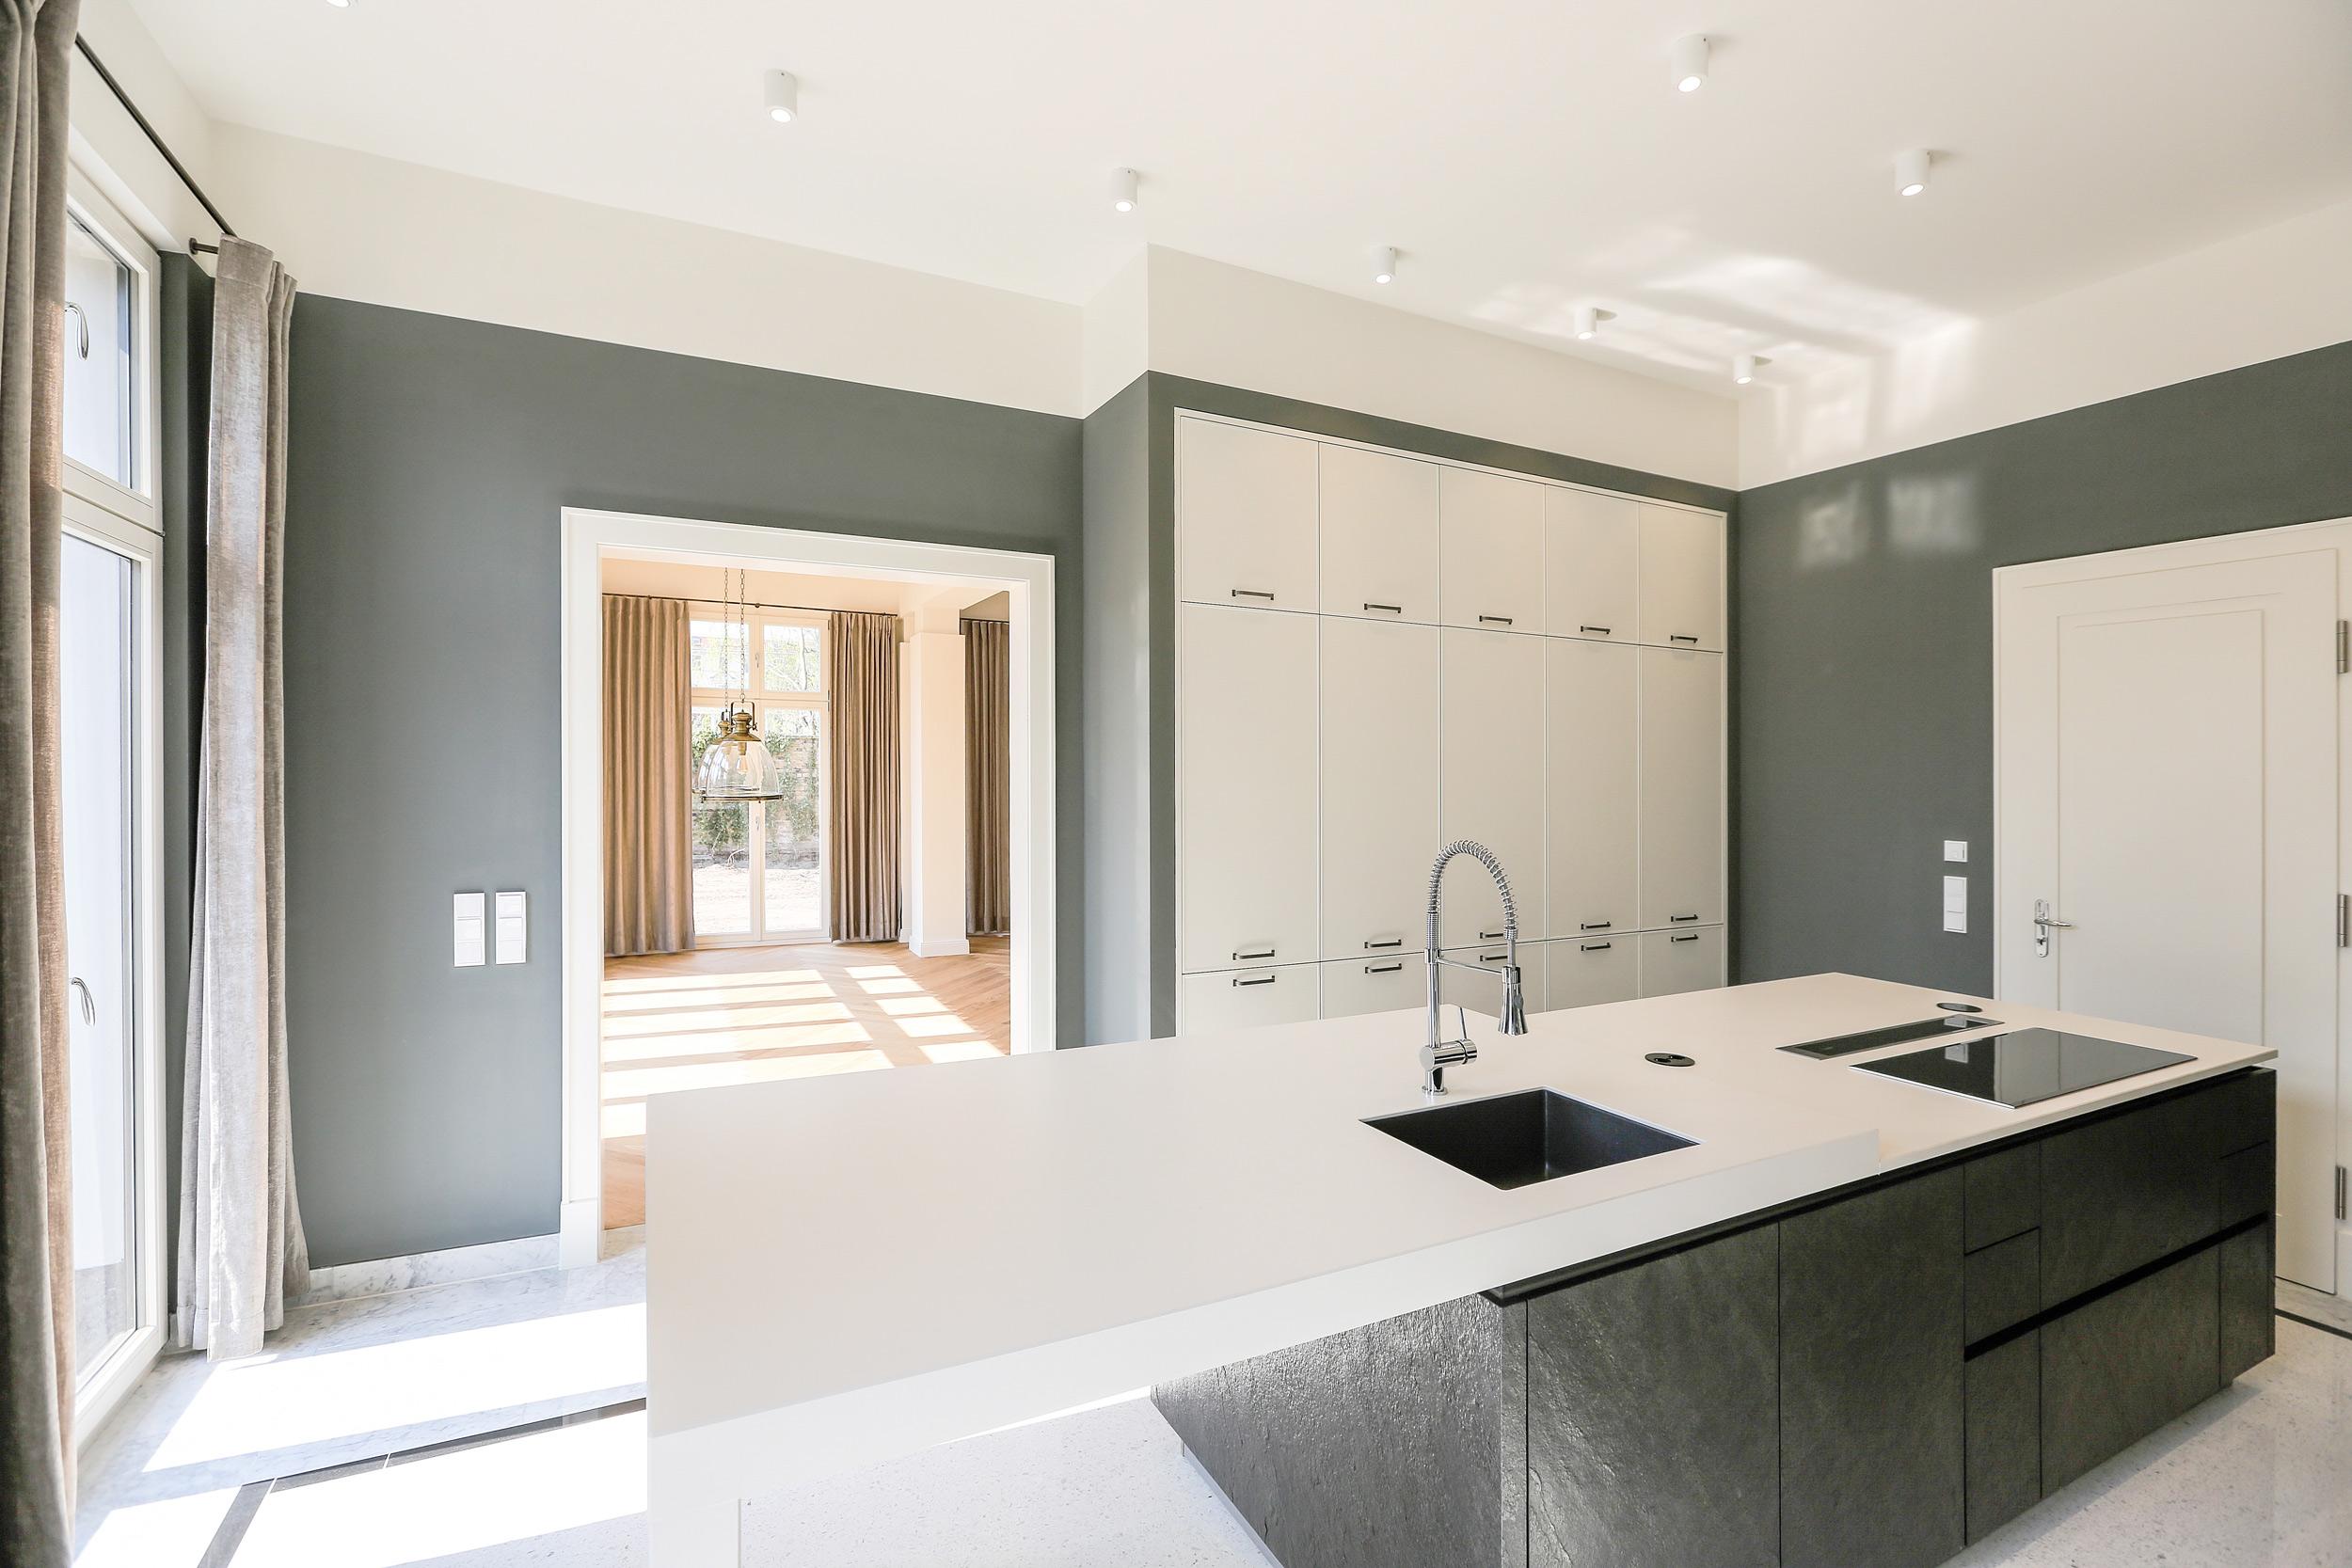 Neubau einer Villa im Klassik-Stil in Potsdam - Die Küche und das Esszimmer haben eine offene Verbindung über Doppeltüren.